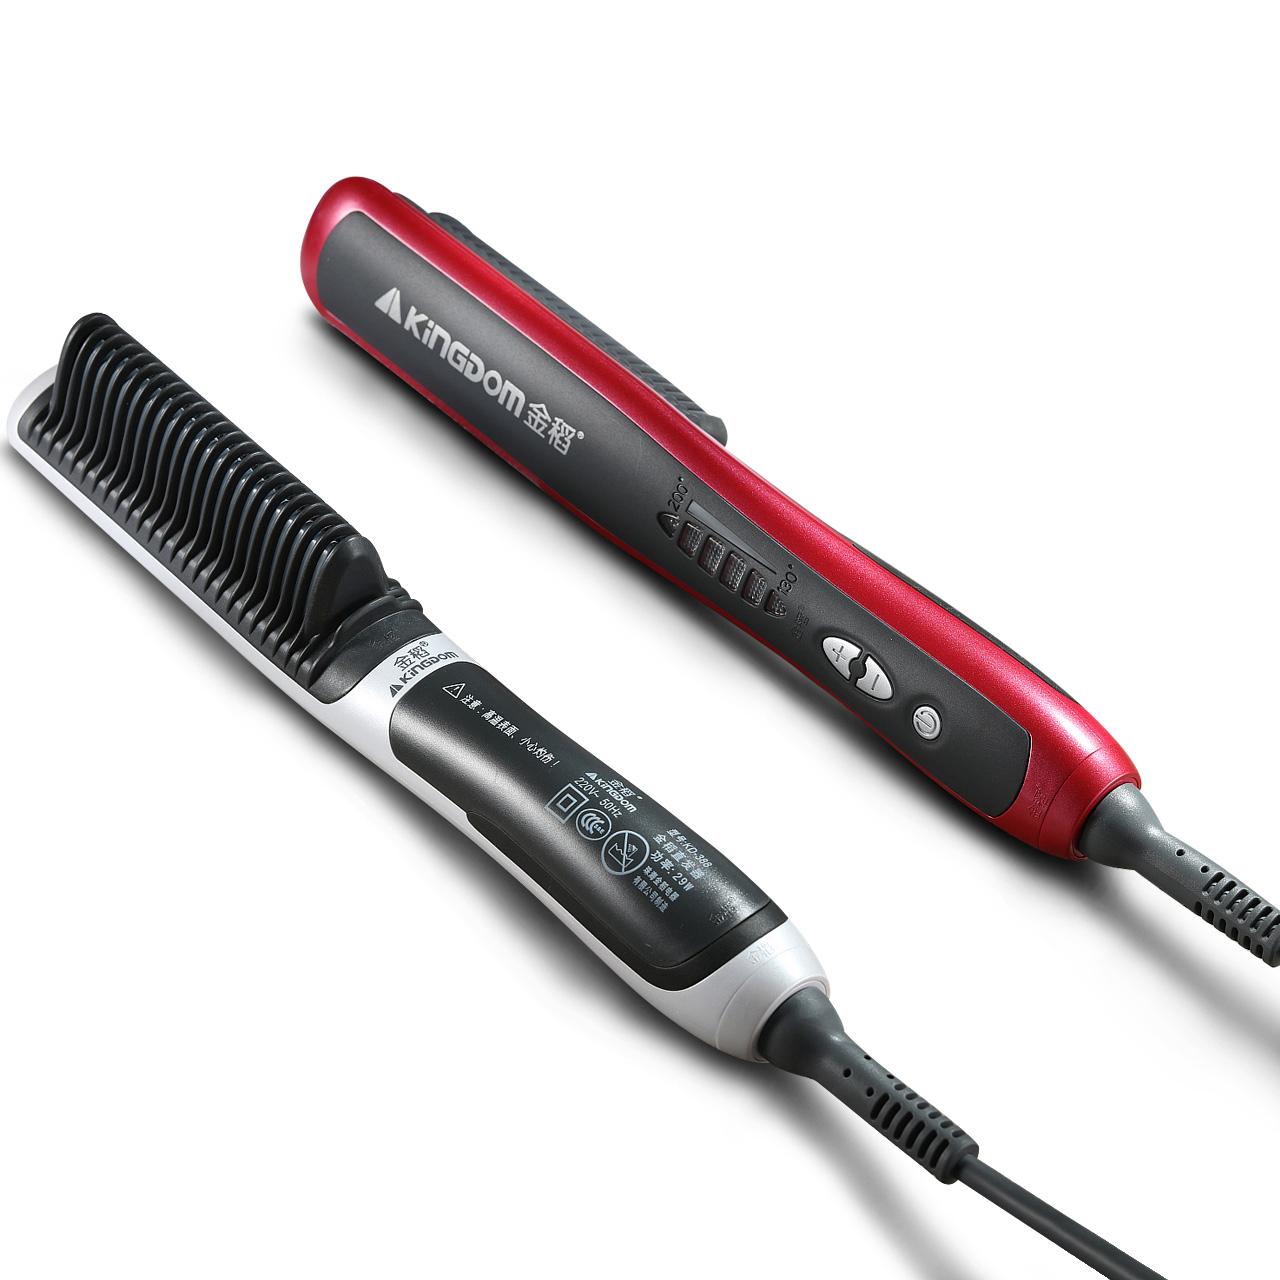 KD388金稻直发器两用直发梳不伤发直板夹卷发棒陶瓷美发工具直发电夹板